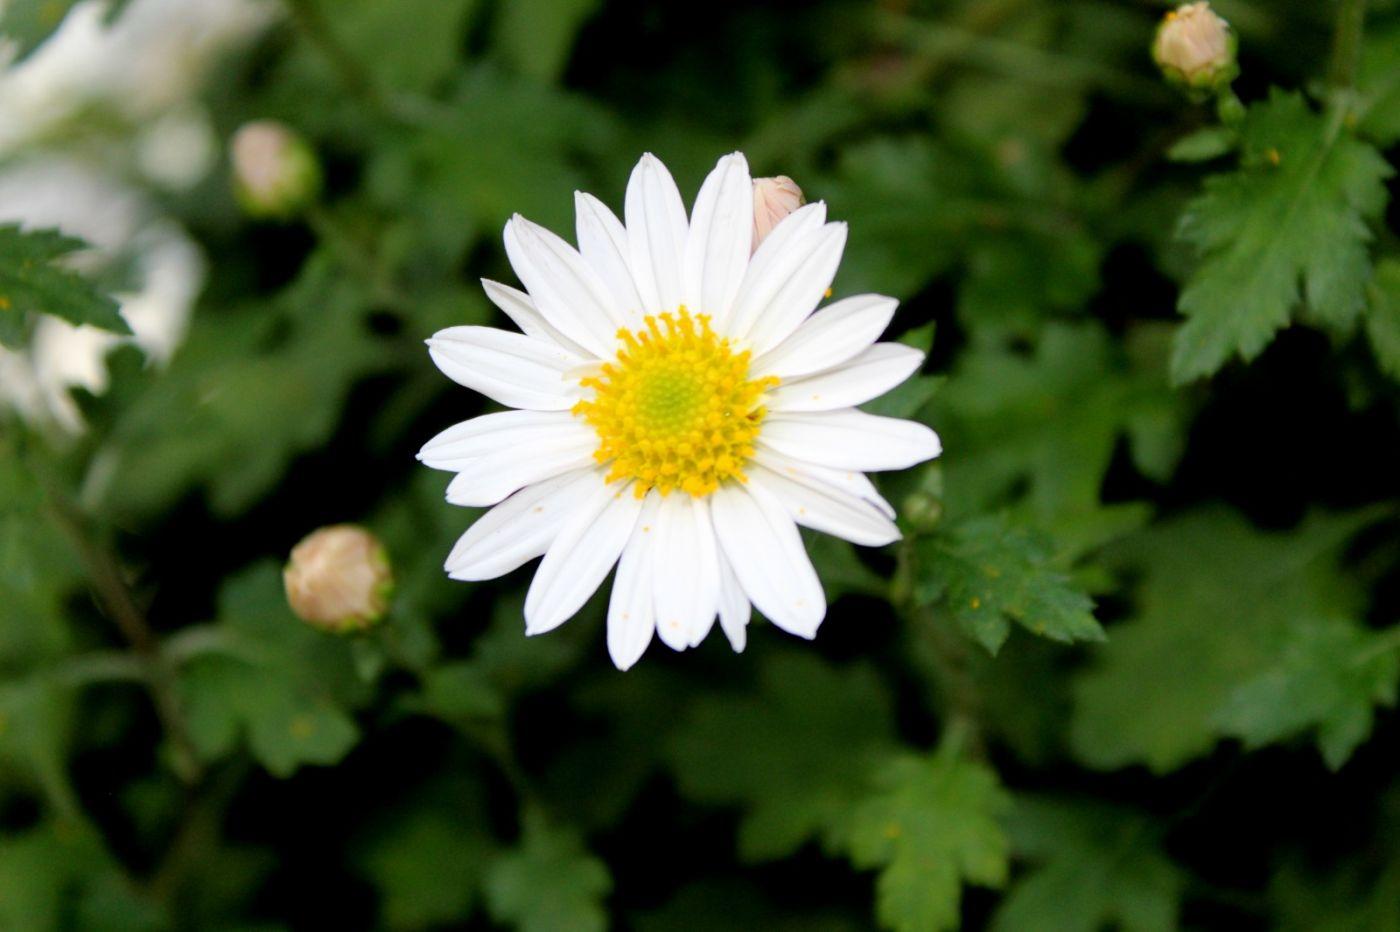 植物园日本菊花展_图1-17